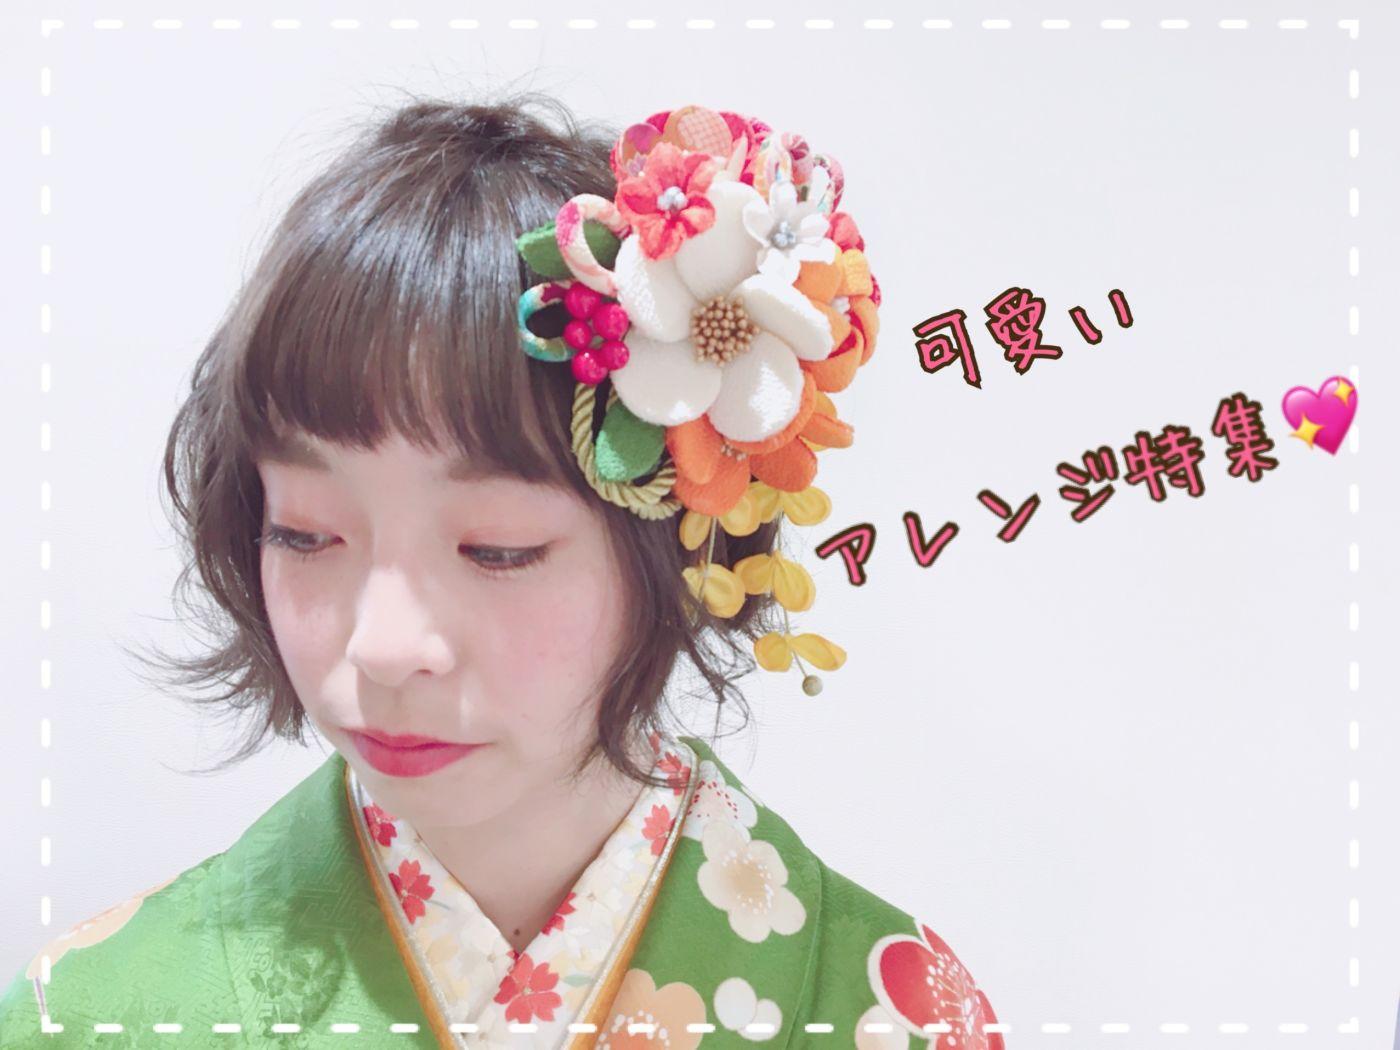 卒業式に向けて!美容師から提案❣️【袴、振袖に合う可愛いアレンジ